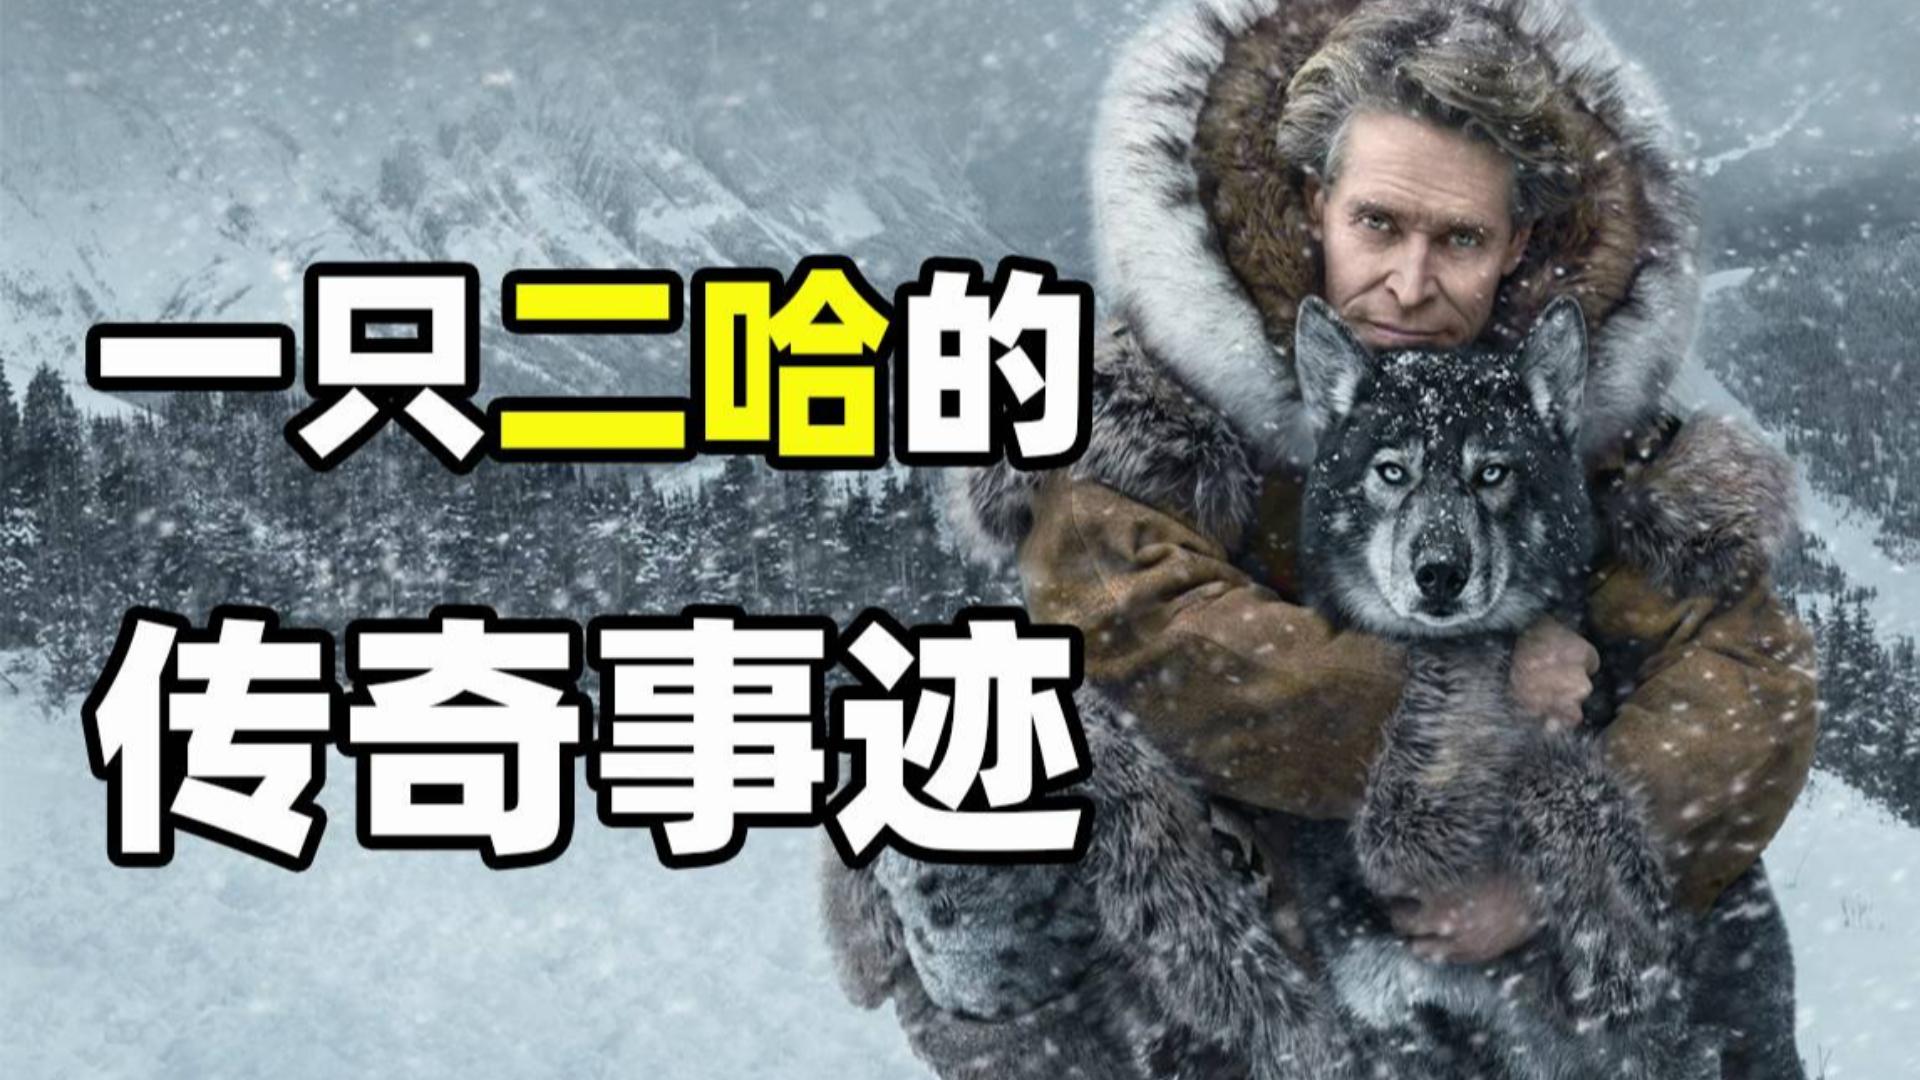 【九筒】传奇雪橇犬二哈拯救一个镇孩子的感人故事,真实事件改编《多哥》